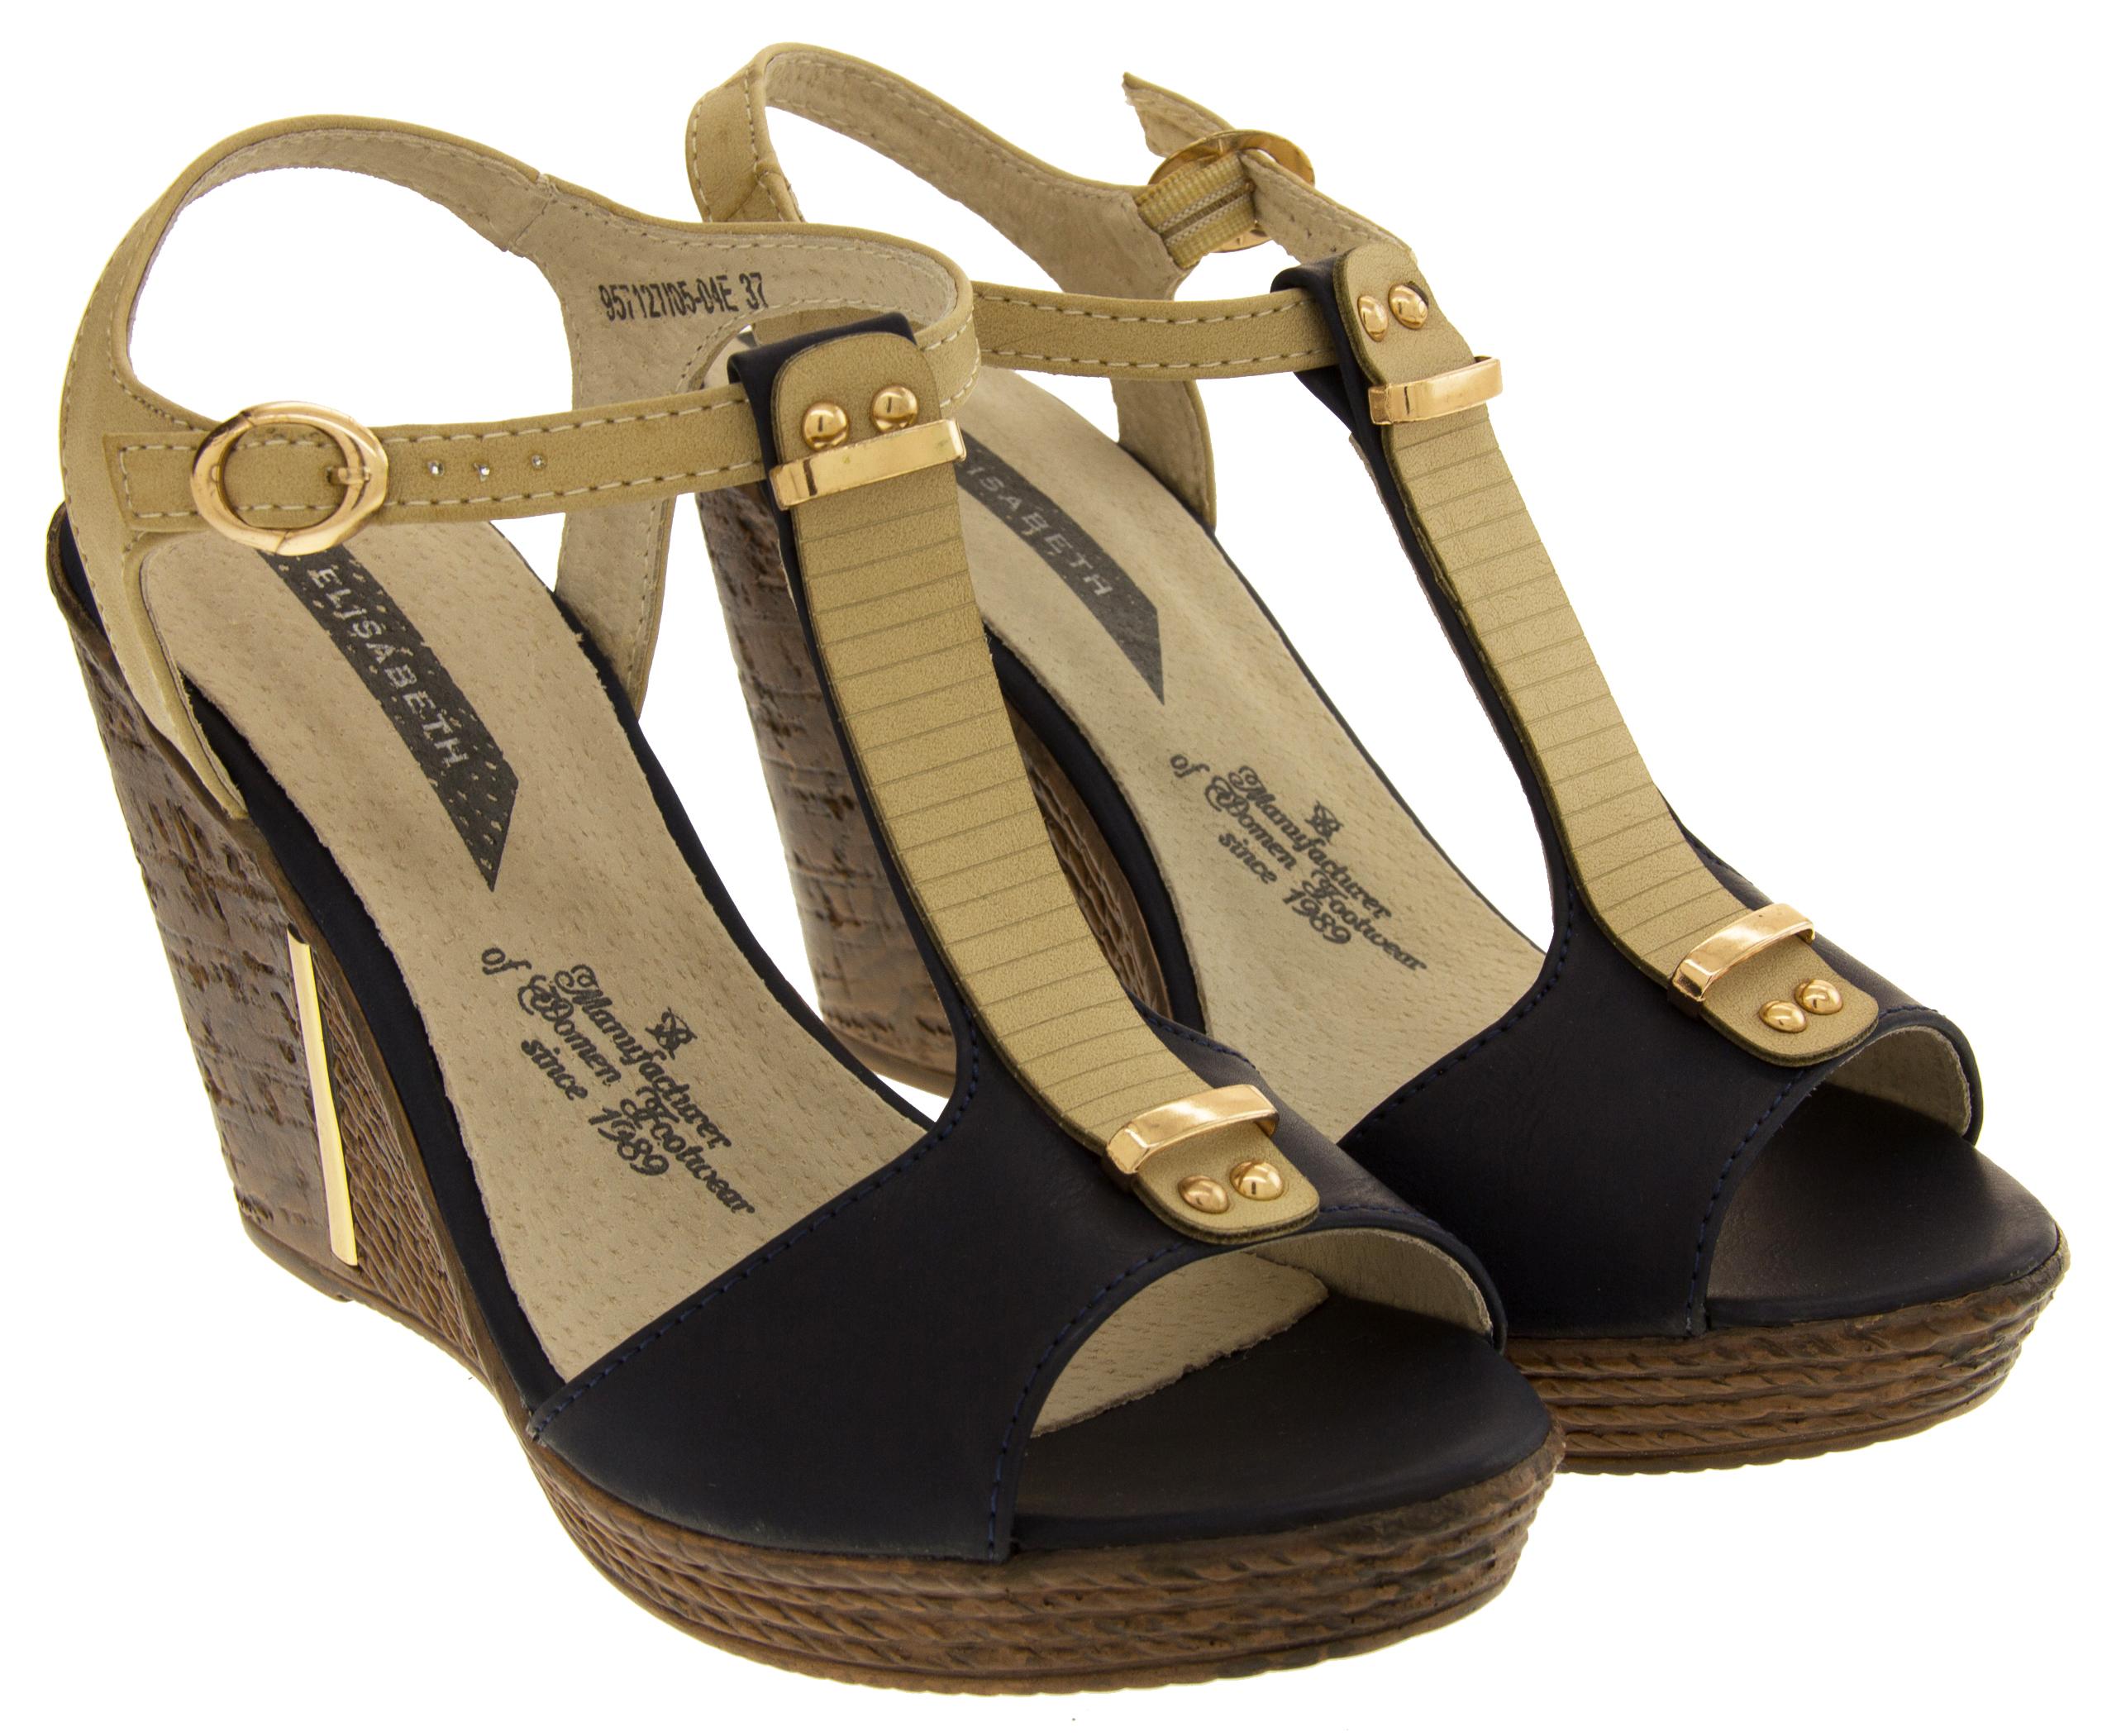 Stiefeletten Damen -Stiefel Grün Neu//New echtes Leder Boots EU 37